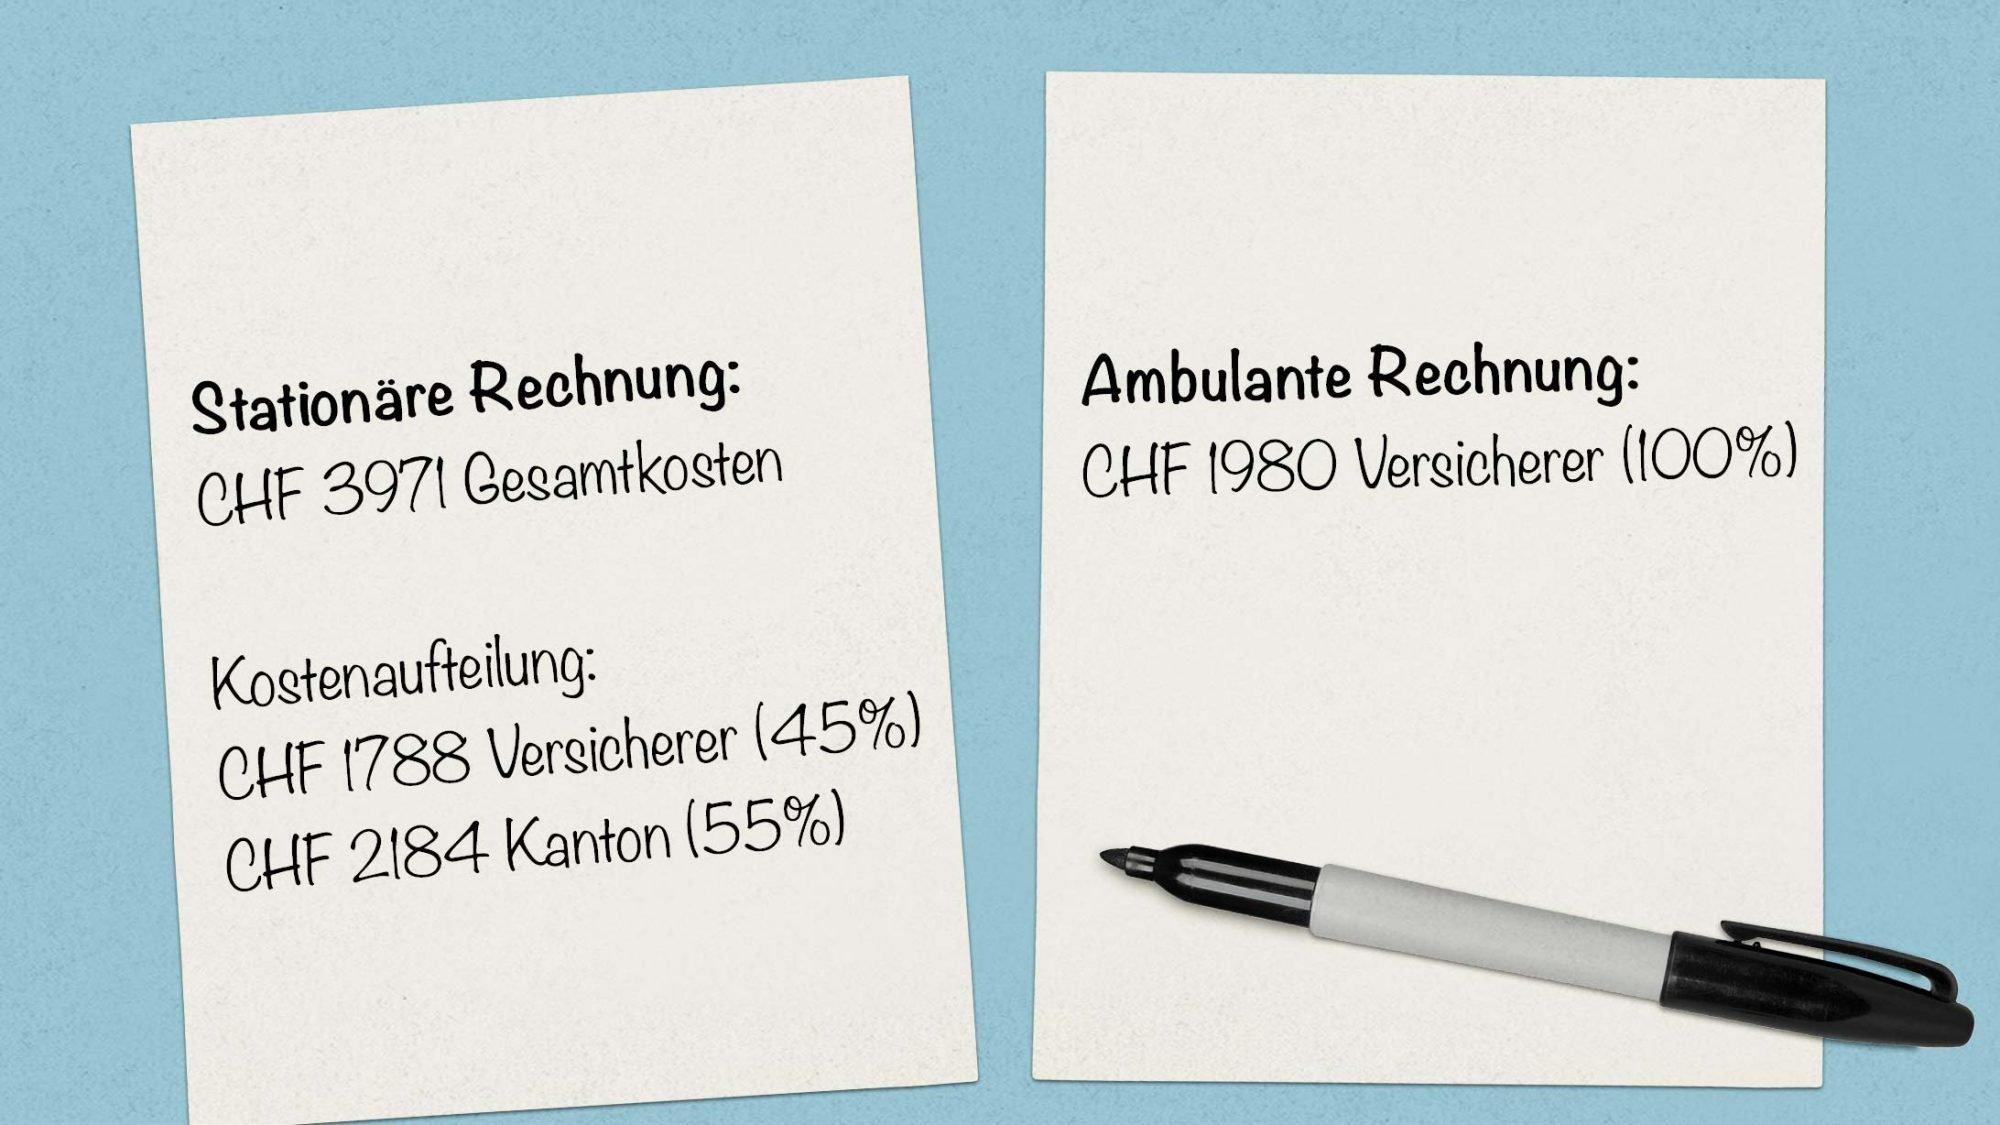 Die Rechnung zeigt den Kostenvergleich zwischen ambulanten und stationären Behandlungen.